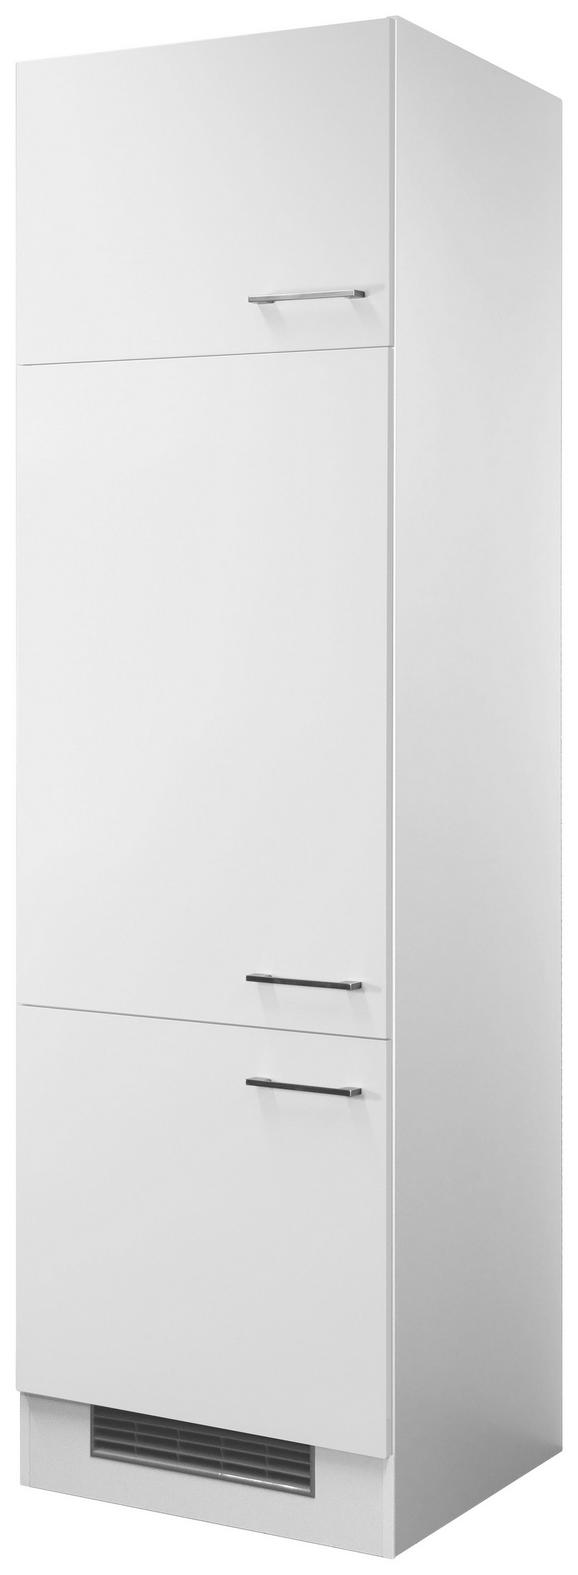 Geräteumbauschrank Weiß - Edelstahlfarben/Weiß, MODERN, Holzwerkstoff/Metall (60/200/57cm)